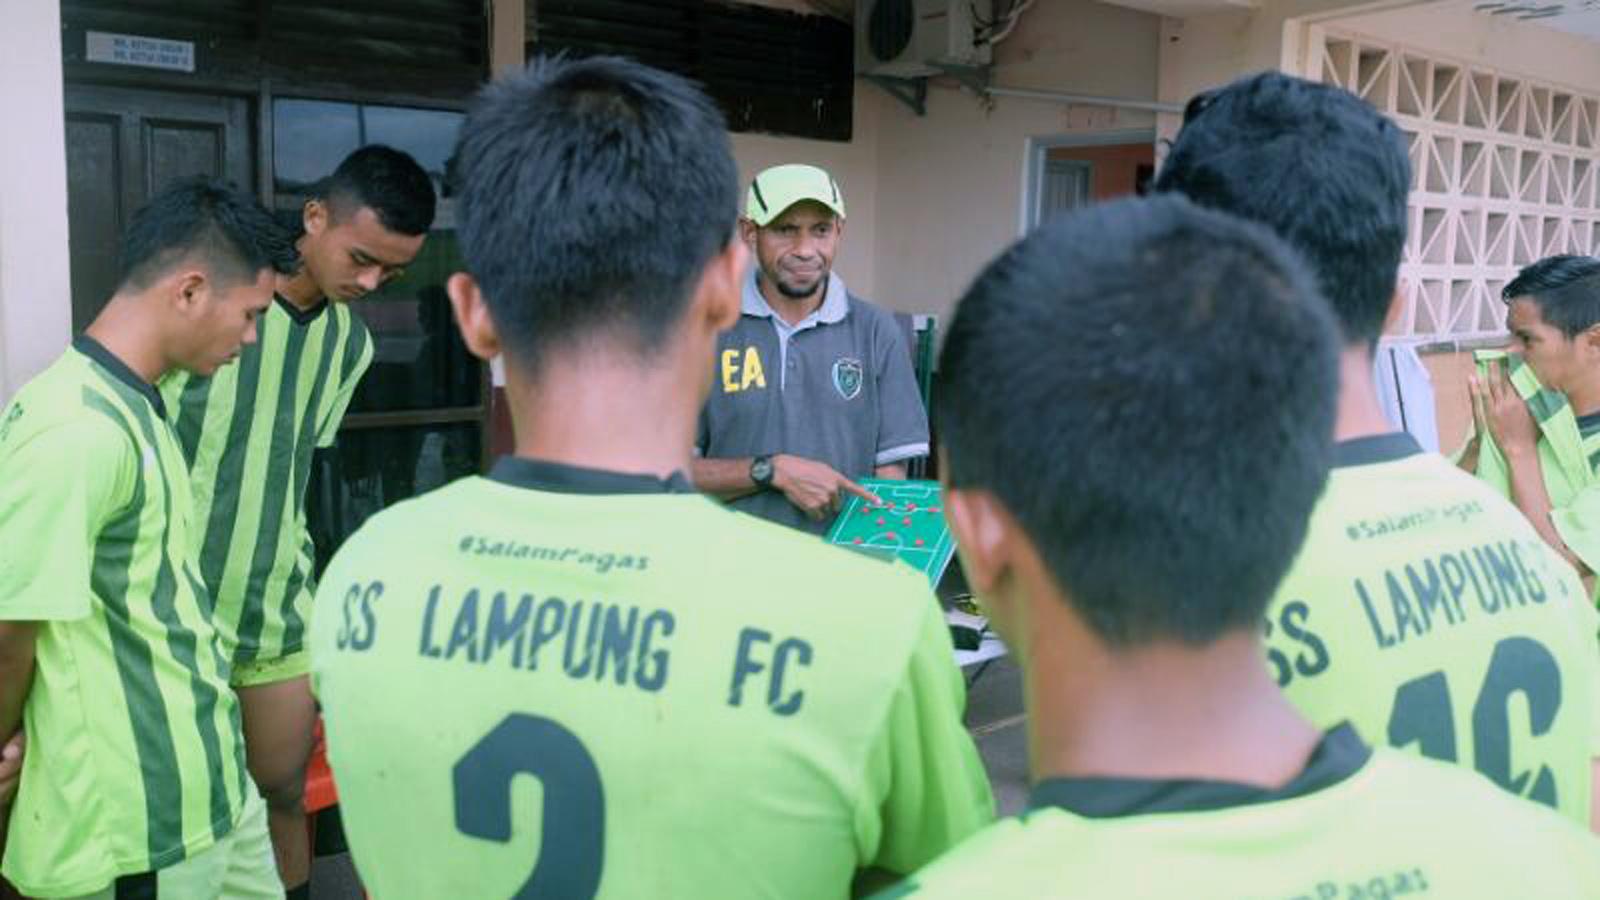 Pelatih SS Lampung FC, Elie Aiboy memberikan instruksi kepada tim sebelum bertanding. (Lampungnews/Davit)